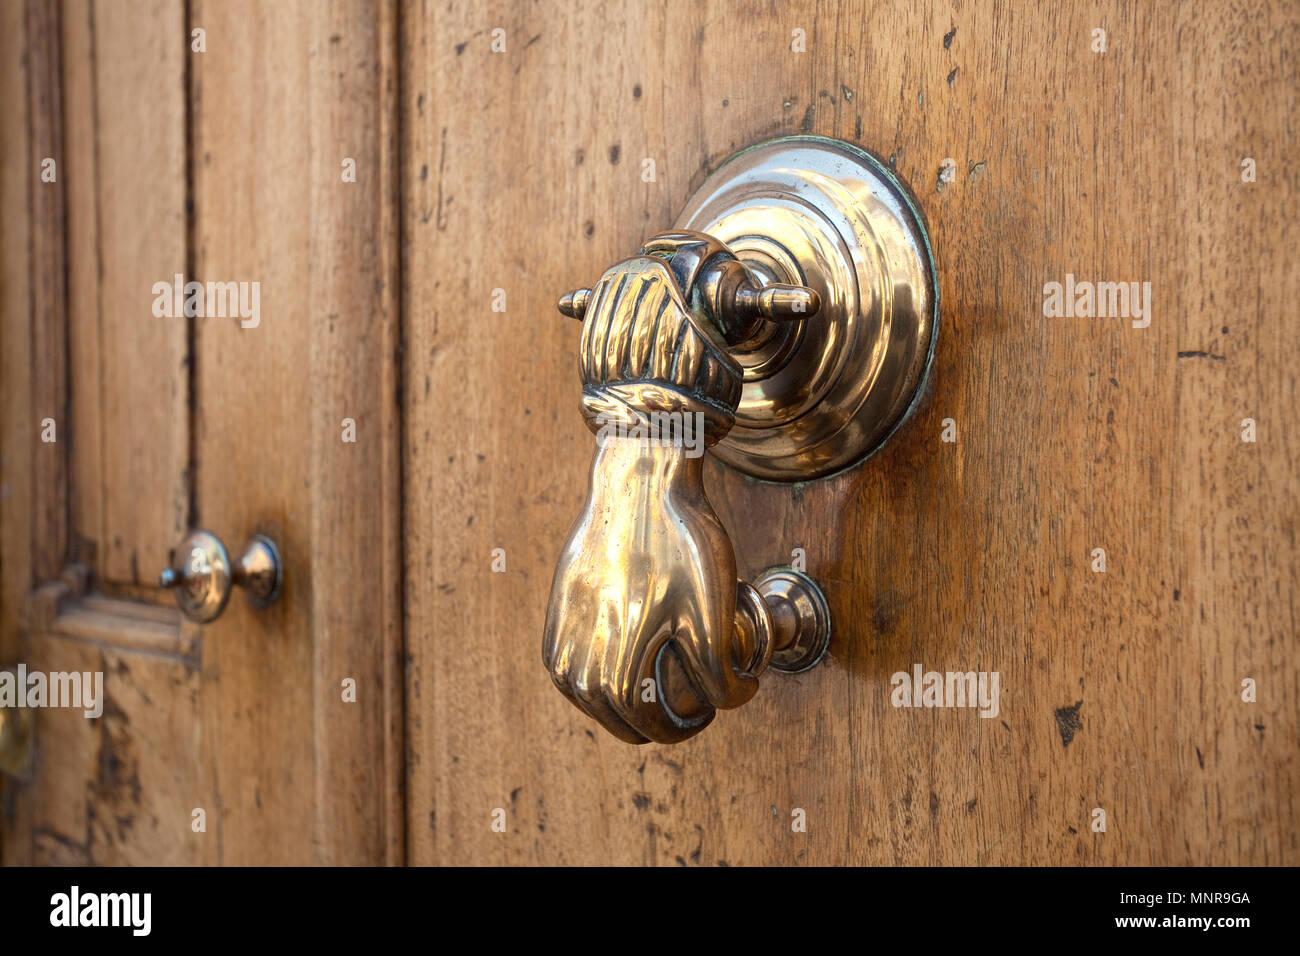 Nostalgische doorknocker in der Altstadt von Cassis, Bouches-du-Rhône der Region Provence-Alpes-Côte d'Azur, Südfrankreich, Frankreich, Europa Stockbild